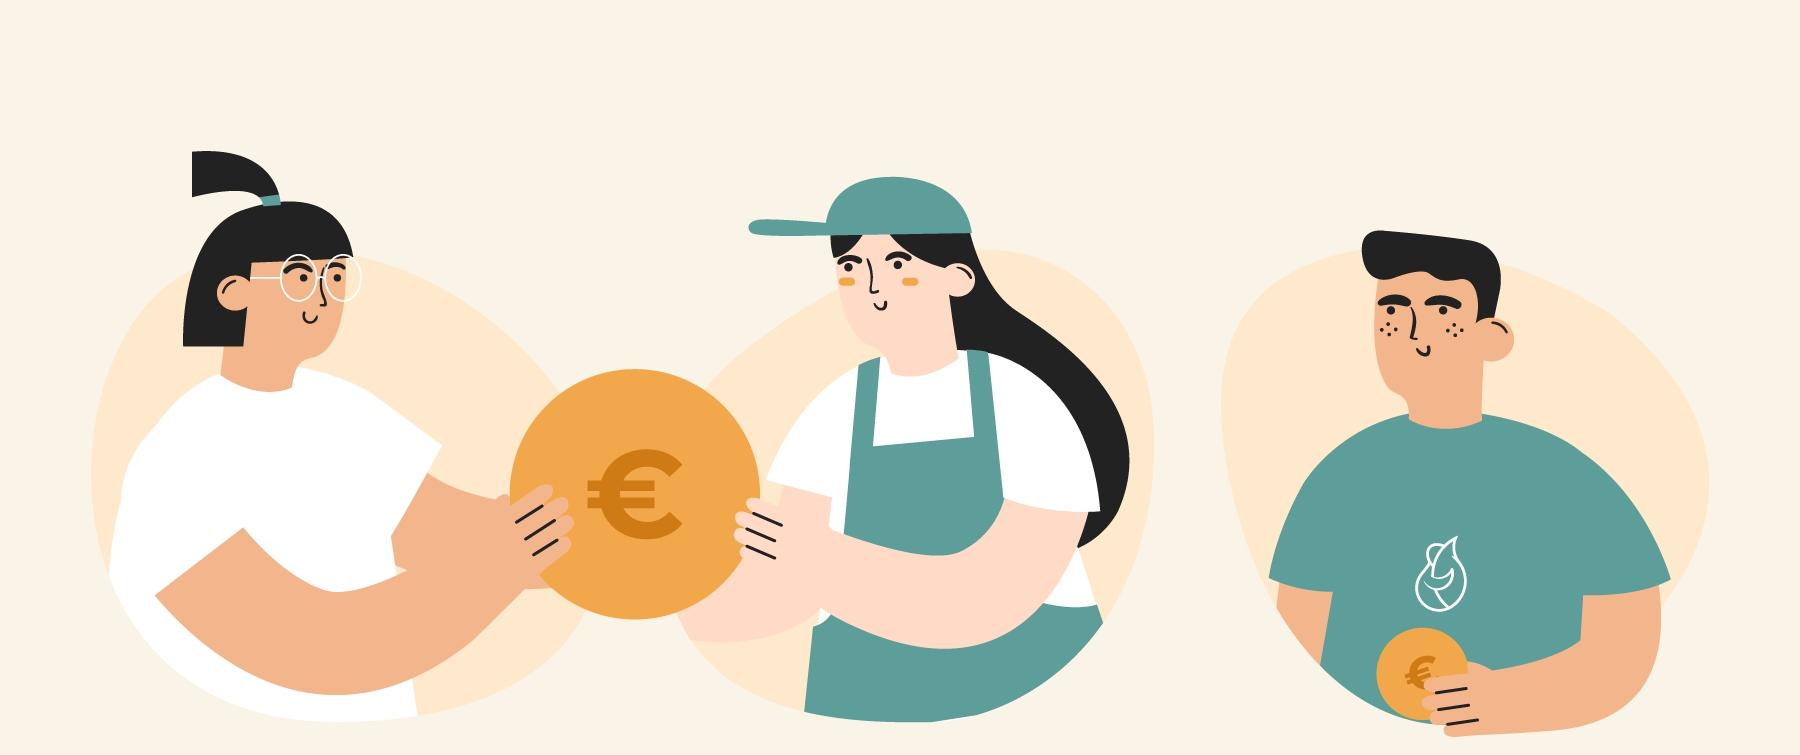 Ilustración de tres personas (consumidor y agricultor) con una moneda en la mano